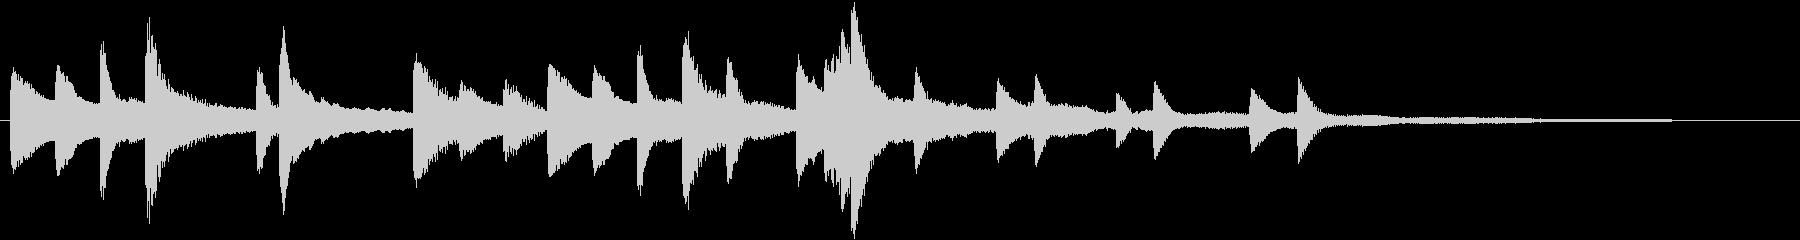 「花のワルツ」クラシックピアノジングルAの未再生の波形